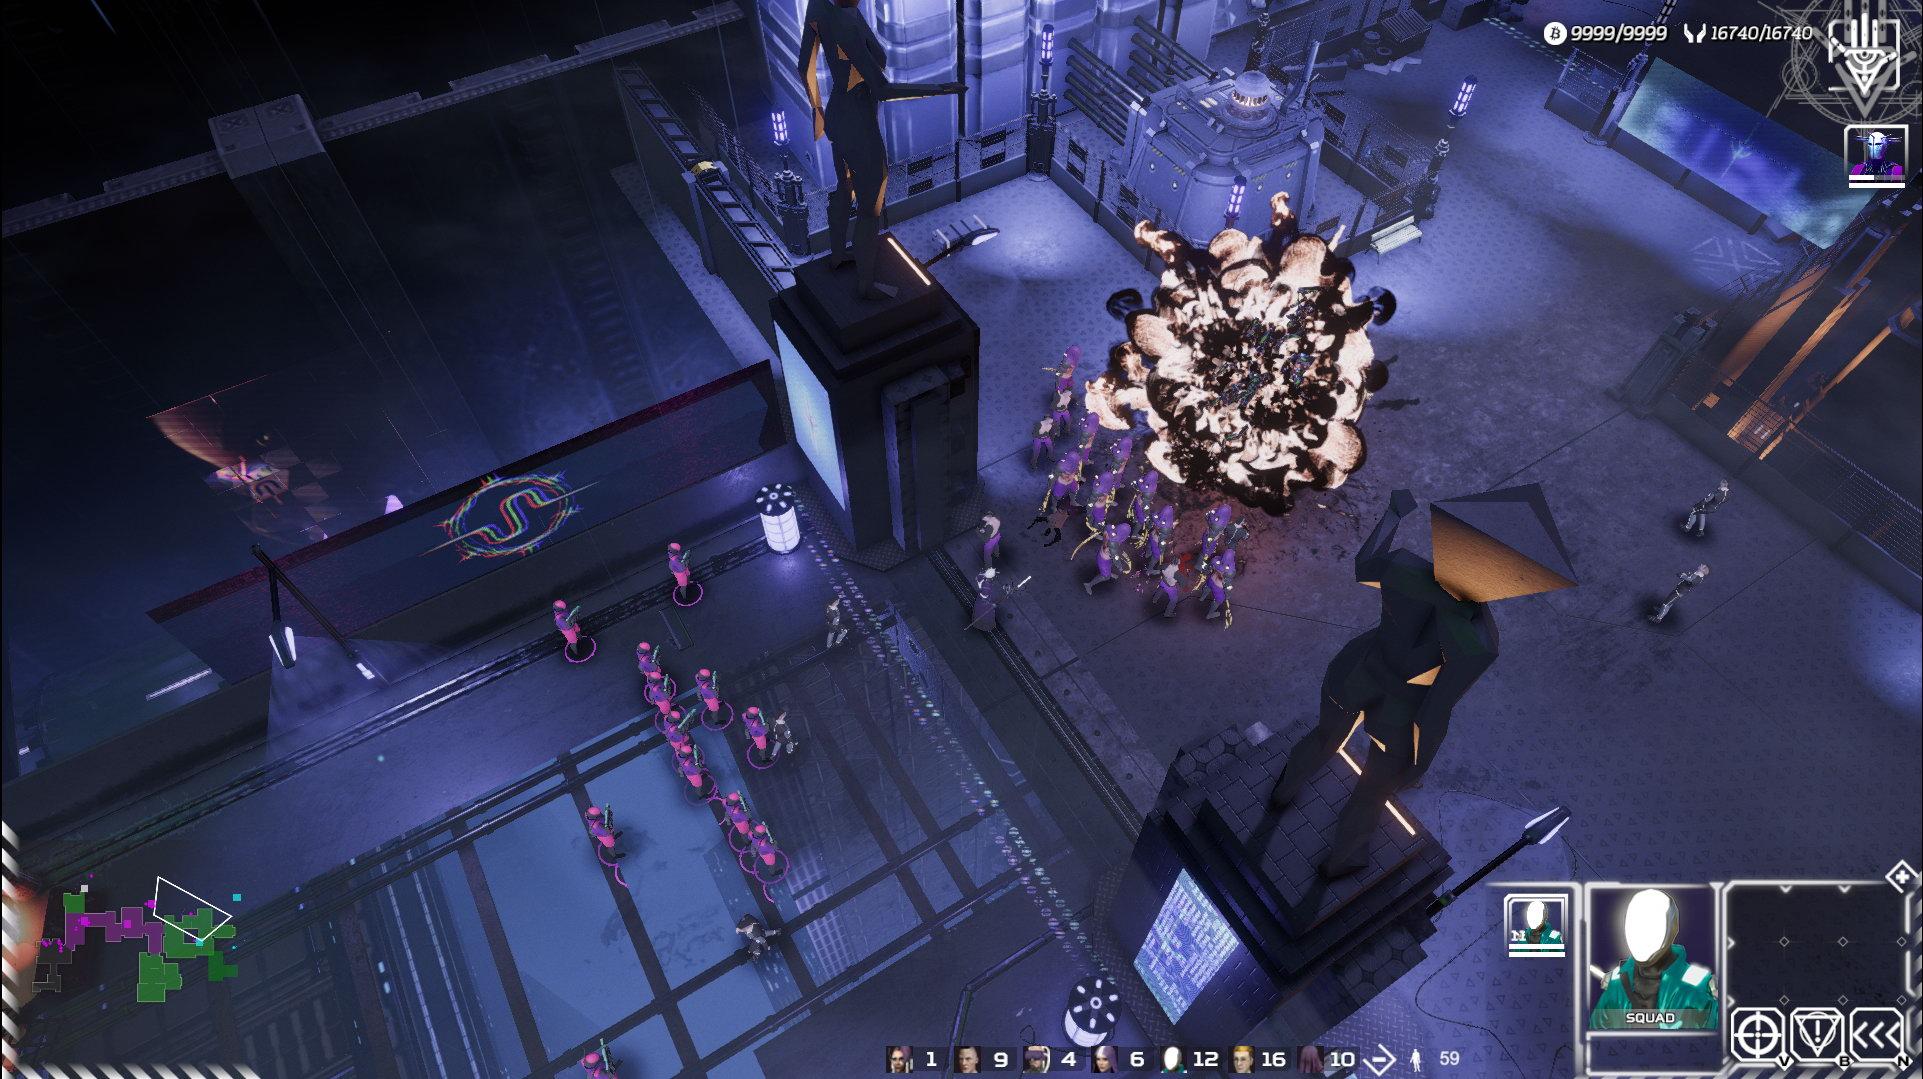 RTS新作《重整旗鼓》预告及截图 赛博朋克黑暗风格